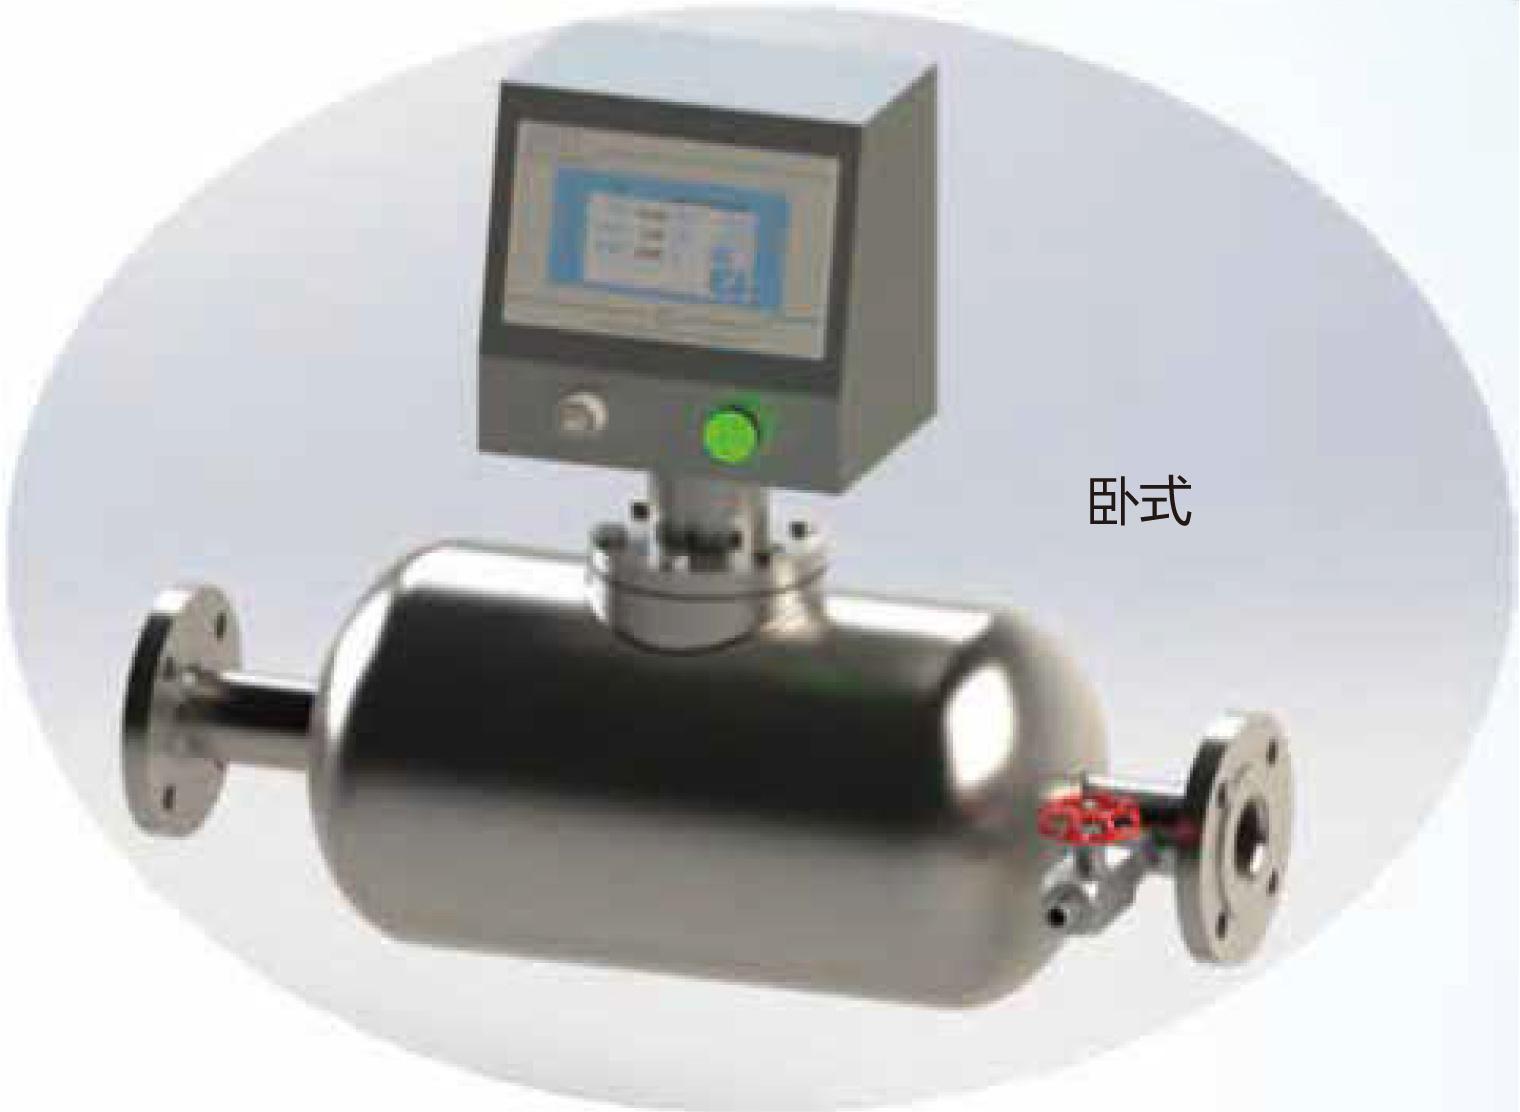 水處理設備供應-福建具有口碑的銀離子消毒器供應商是哪家